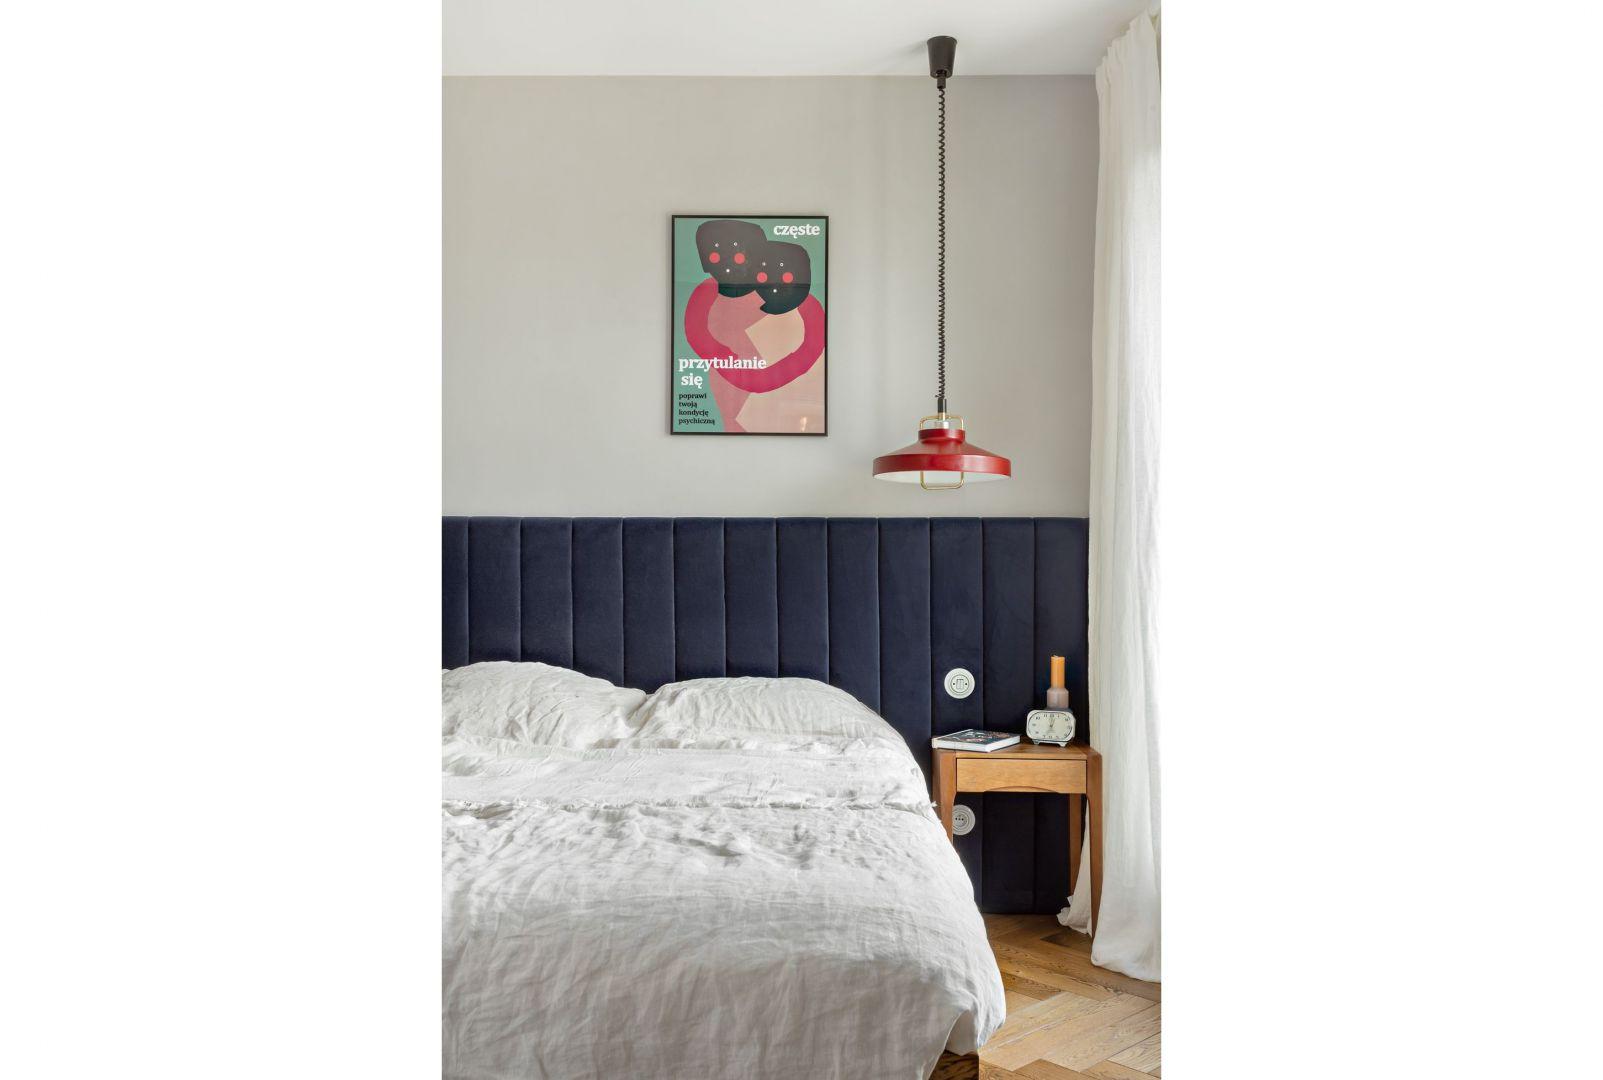 Główne miejsce zajmuje w sypialni duże łóżko o powierzchni 160 cm, które zapewnia jednocześnie sporo miejsce na przechowywanie. Projekt: Patrycja Morawska. Fot. Anna Laskowska/Dekorialove